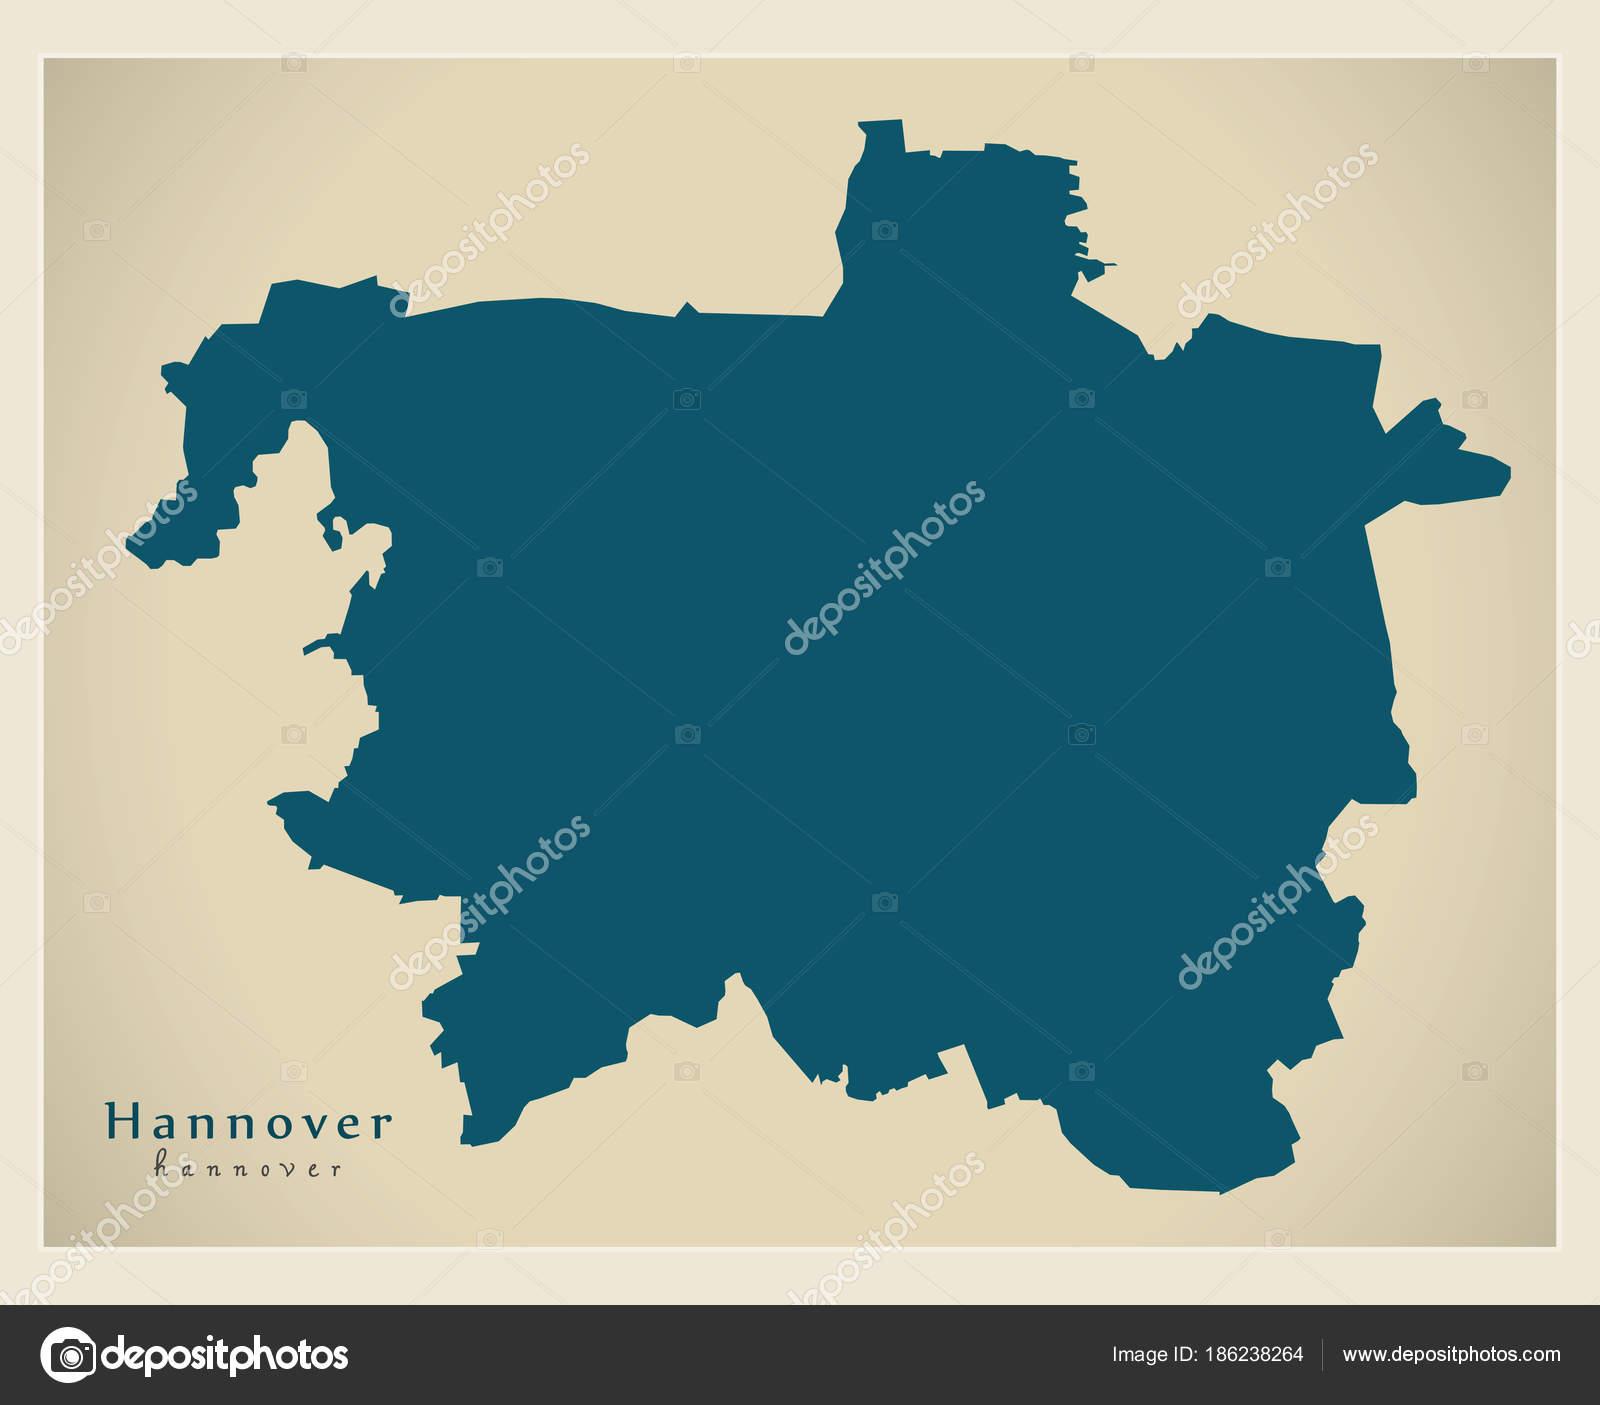 Carte Allemagne Hannover.Carte Moderne Hannover City De L Allemagne De Image